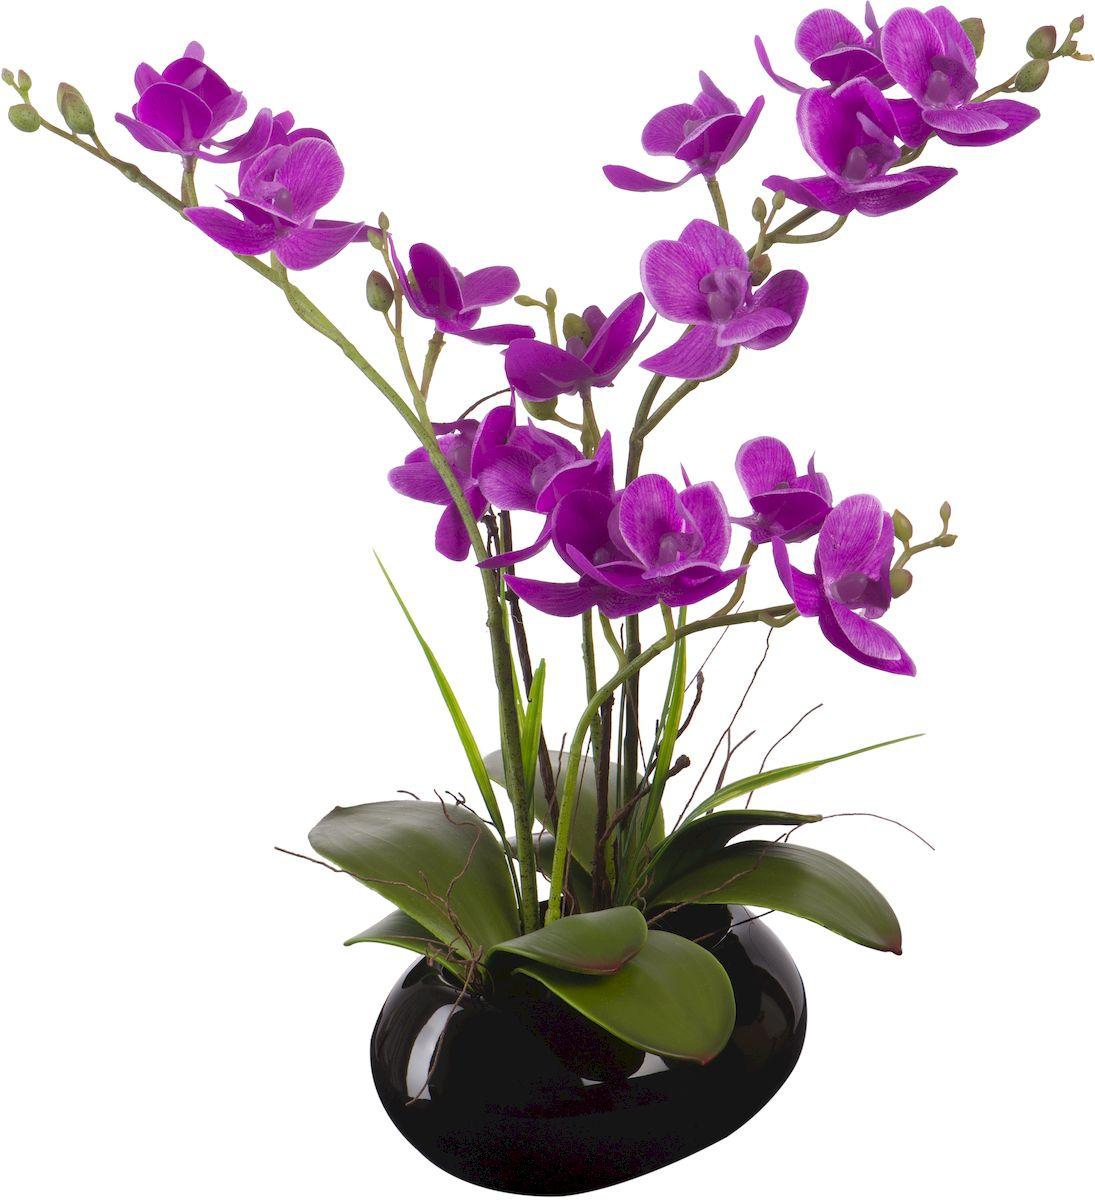 Цветы декоративные Engard  Орхидея , в кашпо, 14 х 12 х 34 см - Садовый декор